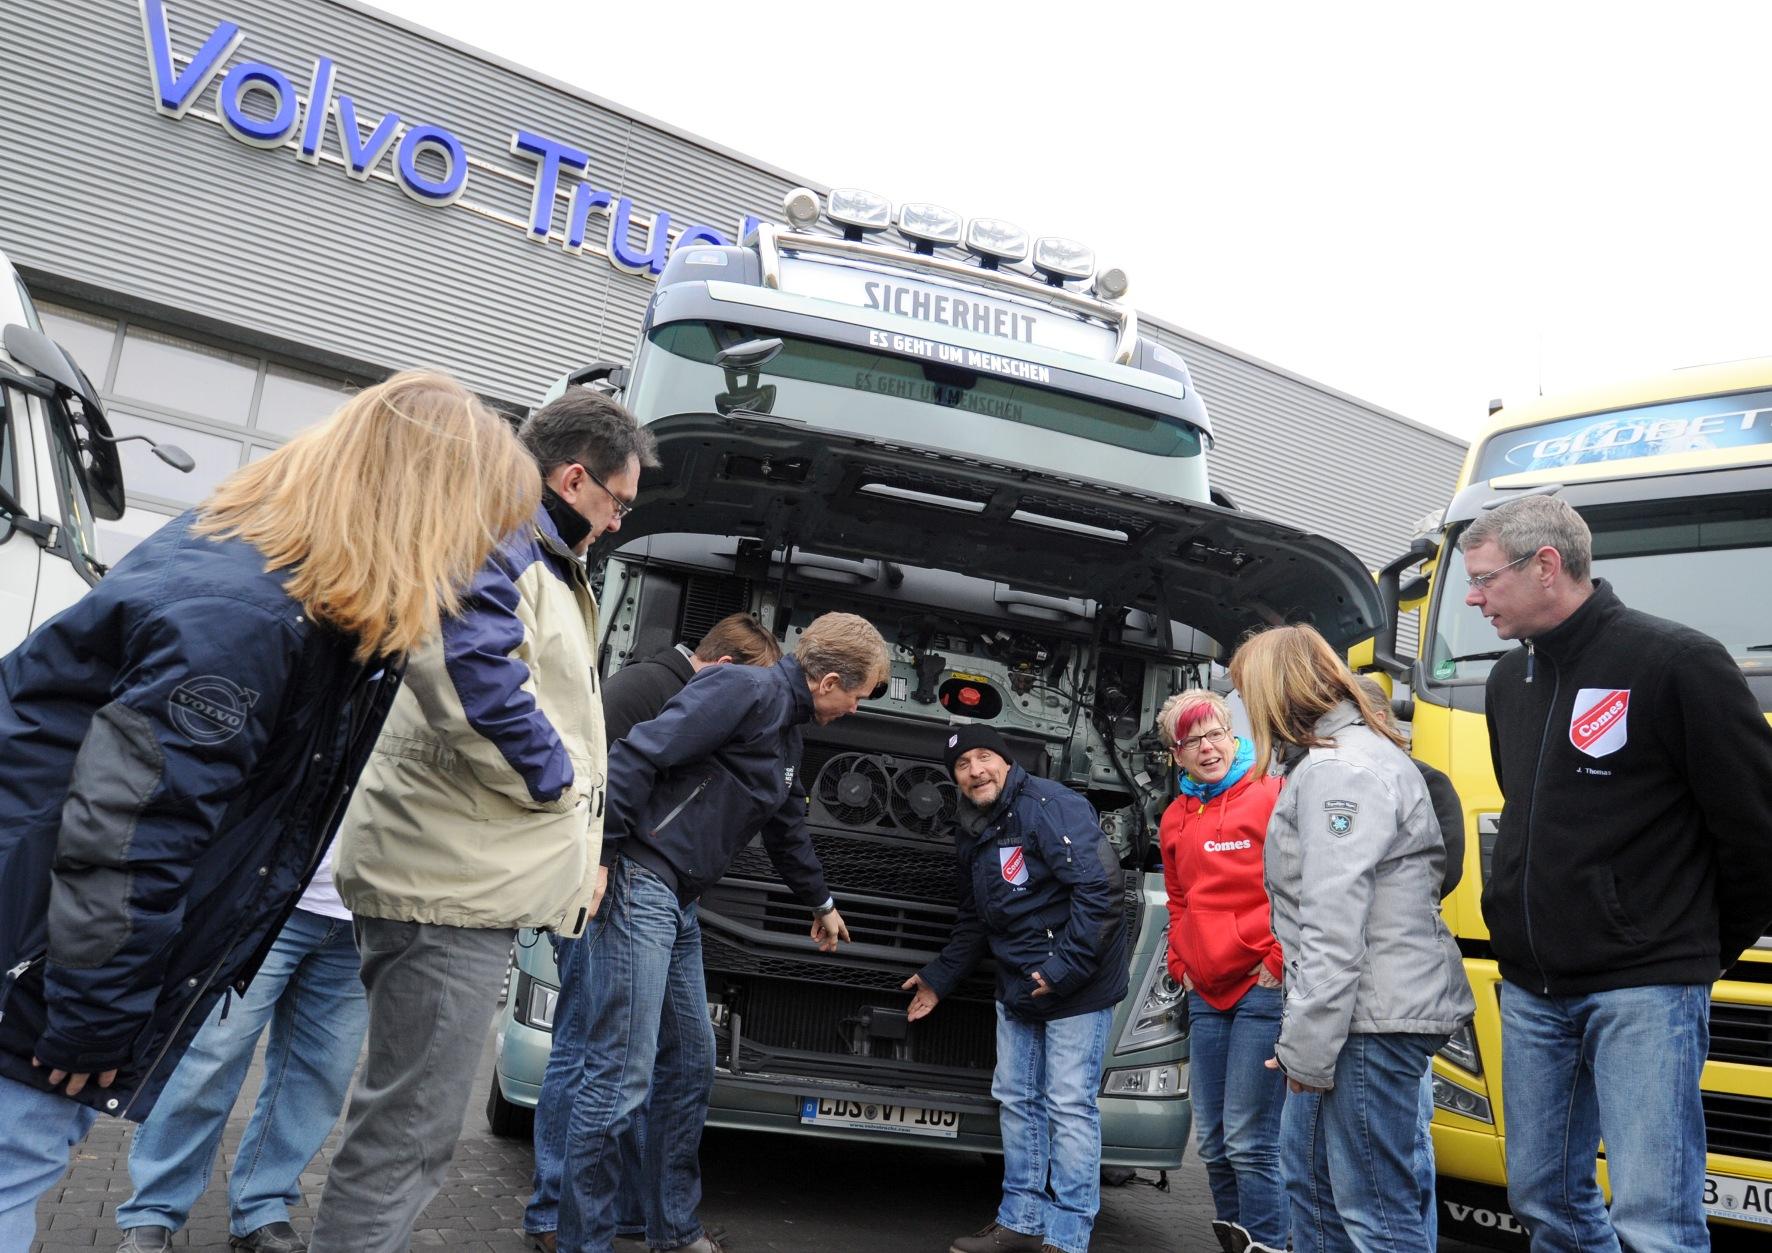 Berlin-News.NET - Berlin Infos & Berlin Tipps | Wissen über Technik gehört beim Thema Sicherheit im Straßenverkehr auf den Stundenplan. Das gilt erst recht für Berufskraftfahrer und deren Ausbilder. Auf diesem Foto zu sehen: Die Fahrlehrer angehender Berufskraftfahrer der Fahrschule Comes, die zu Gast im Volvo Group Truck Center in Berlin-Wildau war.   Foto:  Gerlinde Irmscher/Volvo Trucks